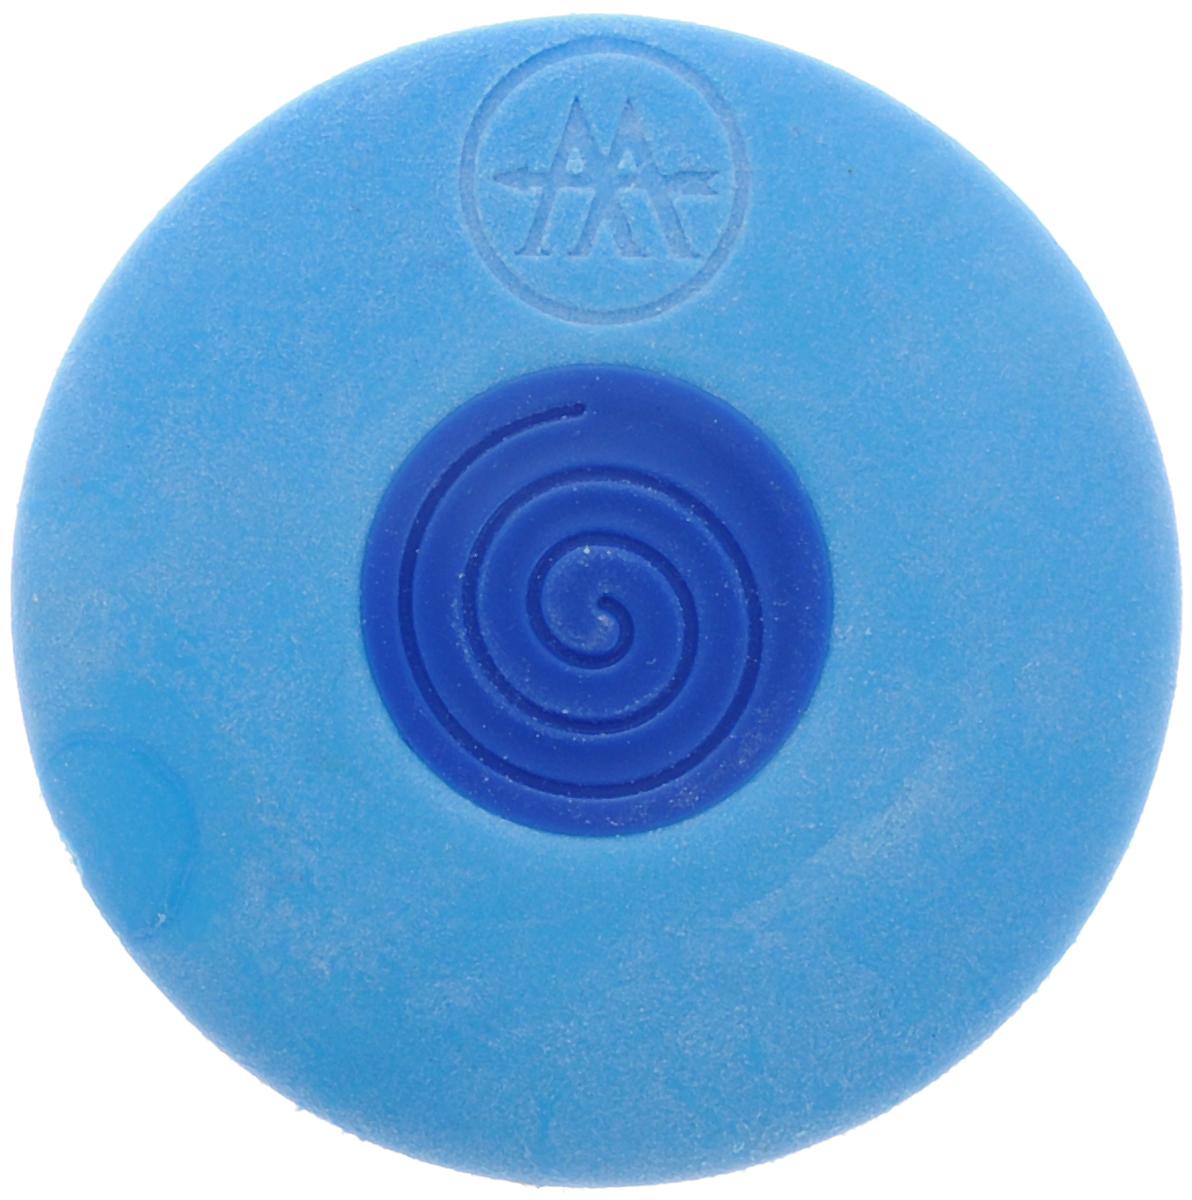 Westcott Ластик с антибактериальным покрытием цвет голубойЕ-26003 00_голубойНас окружает огромное количество бактерий, многие из которых не безопасны, поэтому все большее число товаров выпускается со встроенной антибактериальной защитой.Яркий, двухцветный ластик со встроенной антибактериальной защитой Microban легко и без следа удаляет надписи, сделанные карандашом. Для более точного удаления имеет заостренные края. Эффективность защиты Microban подтверждена множеством лабораторных исследований по всему миру. Эффективен против широкого спектра грамположительных и грамотрицательных бактерий и грибков, таких как: сальмонелла, золотистый стафилококк и другие, которые вызывают заболевания, сопровождающиеся расстройством кишечника и грибковыми заболевания. (Всего около 100 микроорганизмов).Ластик сохраняет свои свойства после мытья и в случае механического повреждения изделия. Антибактериальные свойства не исчезают со временем и не снижают свою эффективность. Microban абсолютно безвреден для людей и животных, не вызывает аллергии.